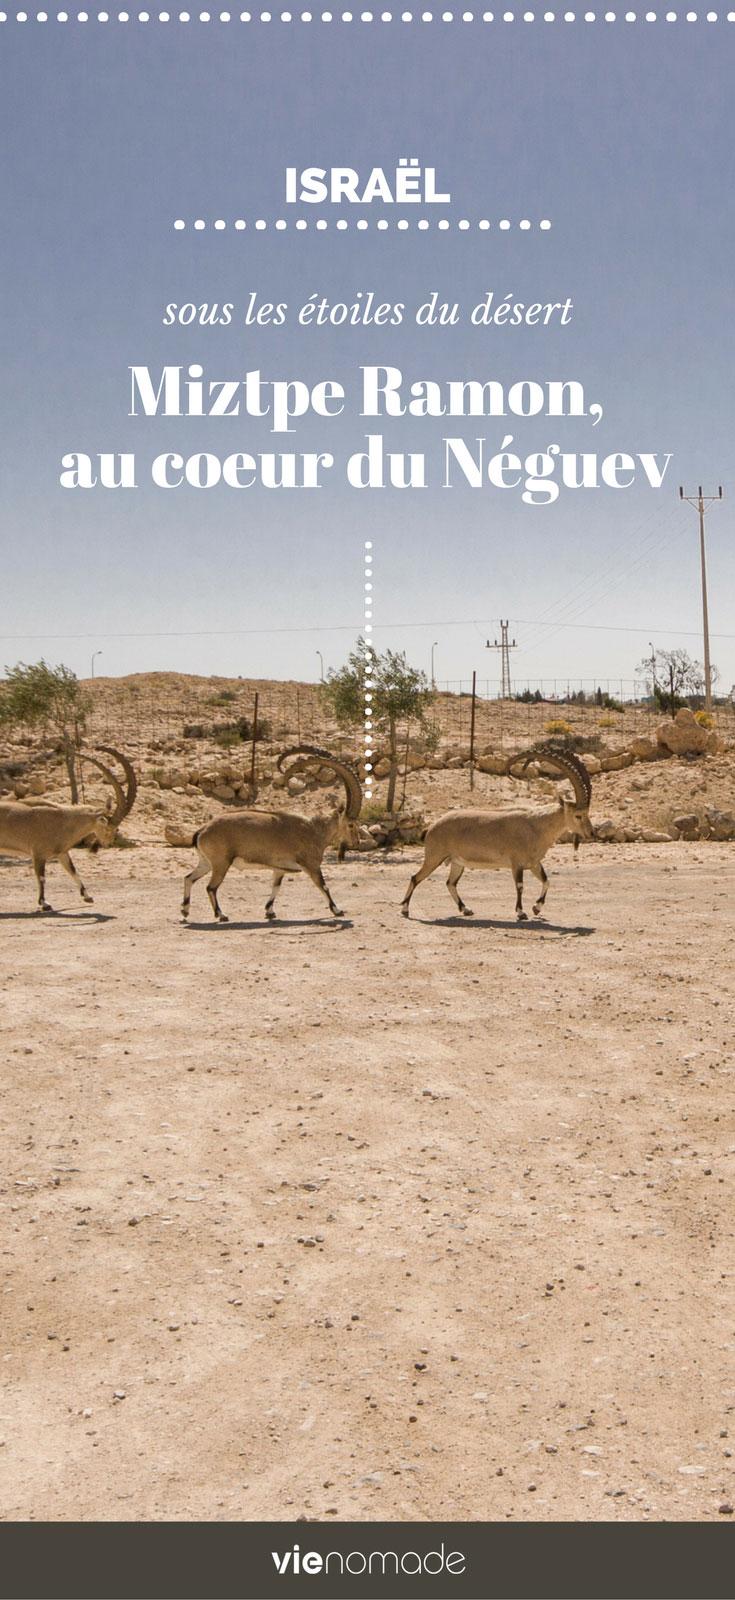 Voyage en Israël: dans le désert du Néguev à Mitzpe Ramon